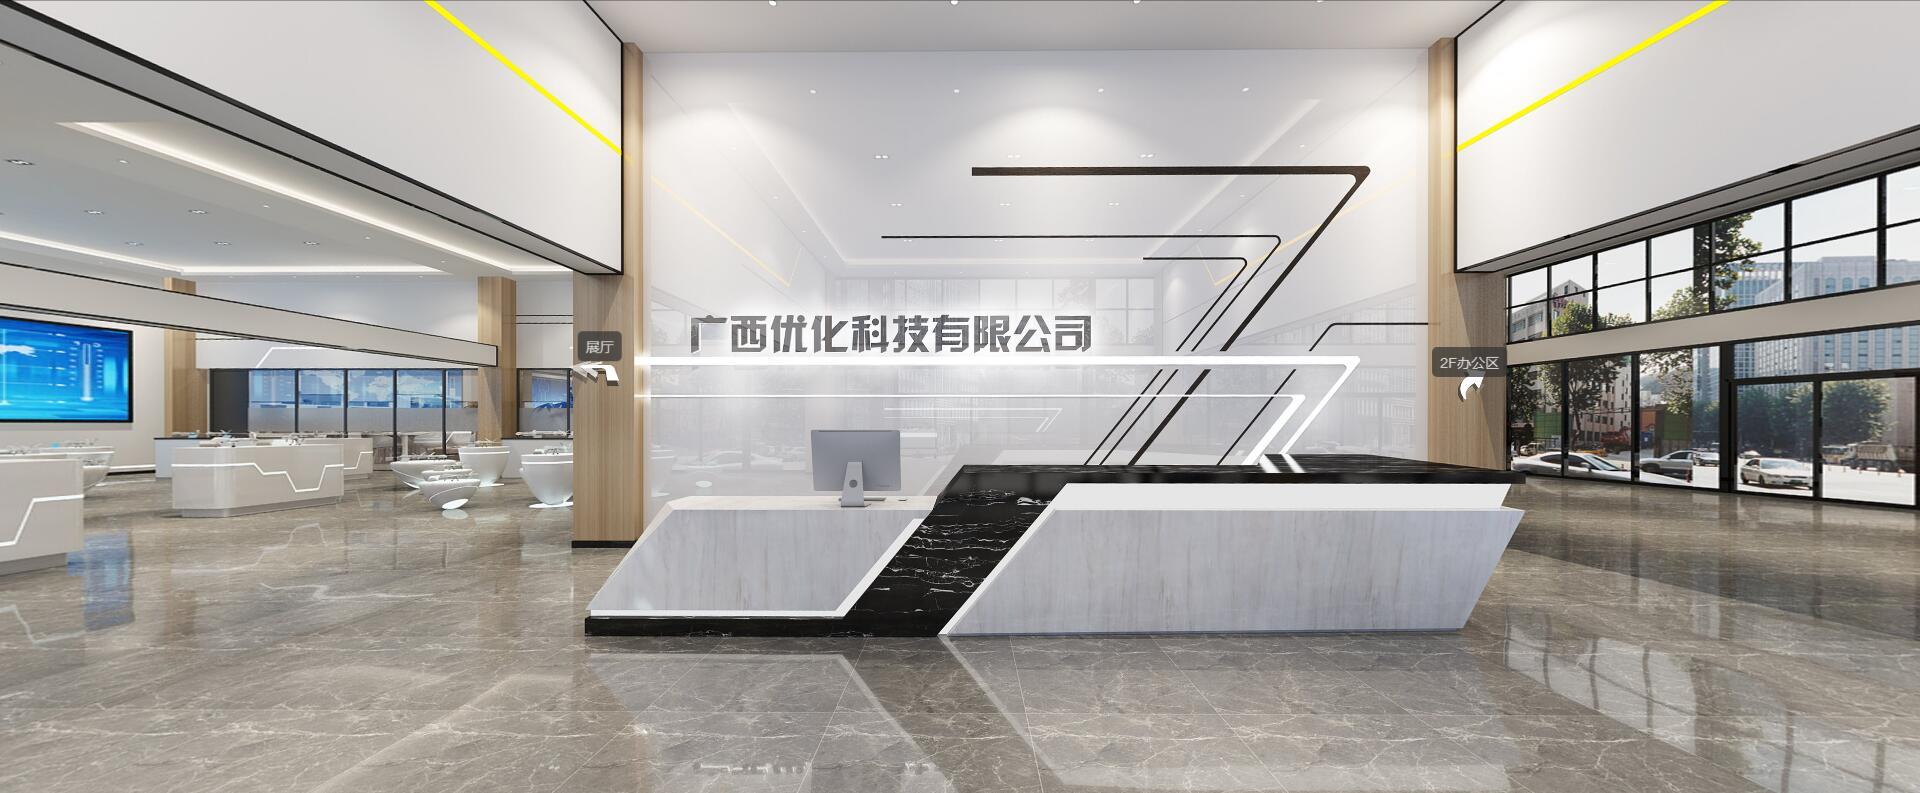 廣西優化科技有限公司辦公室裝修案例